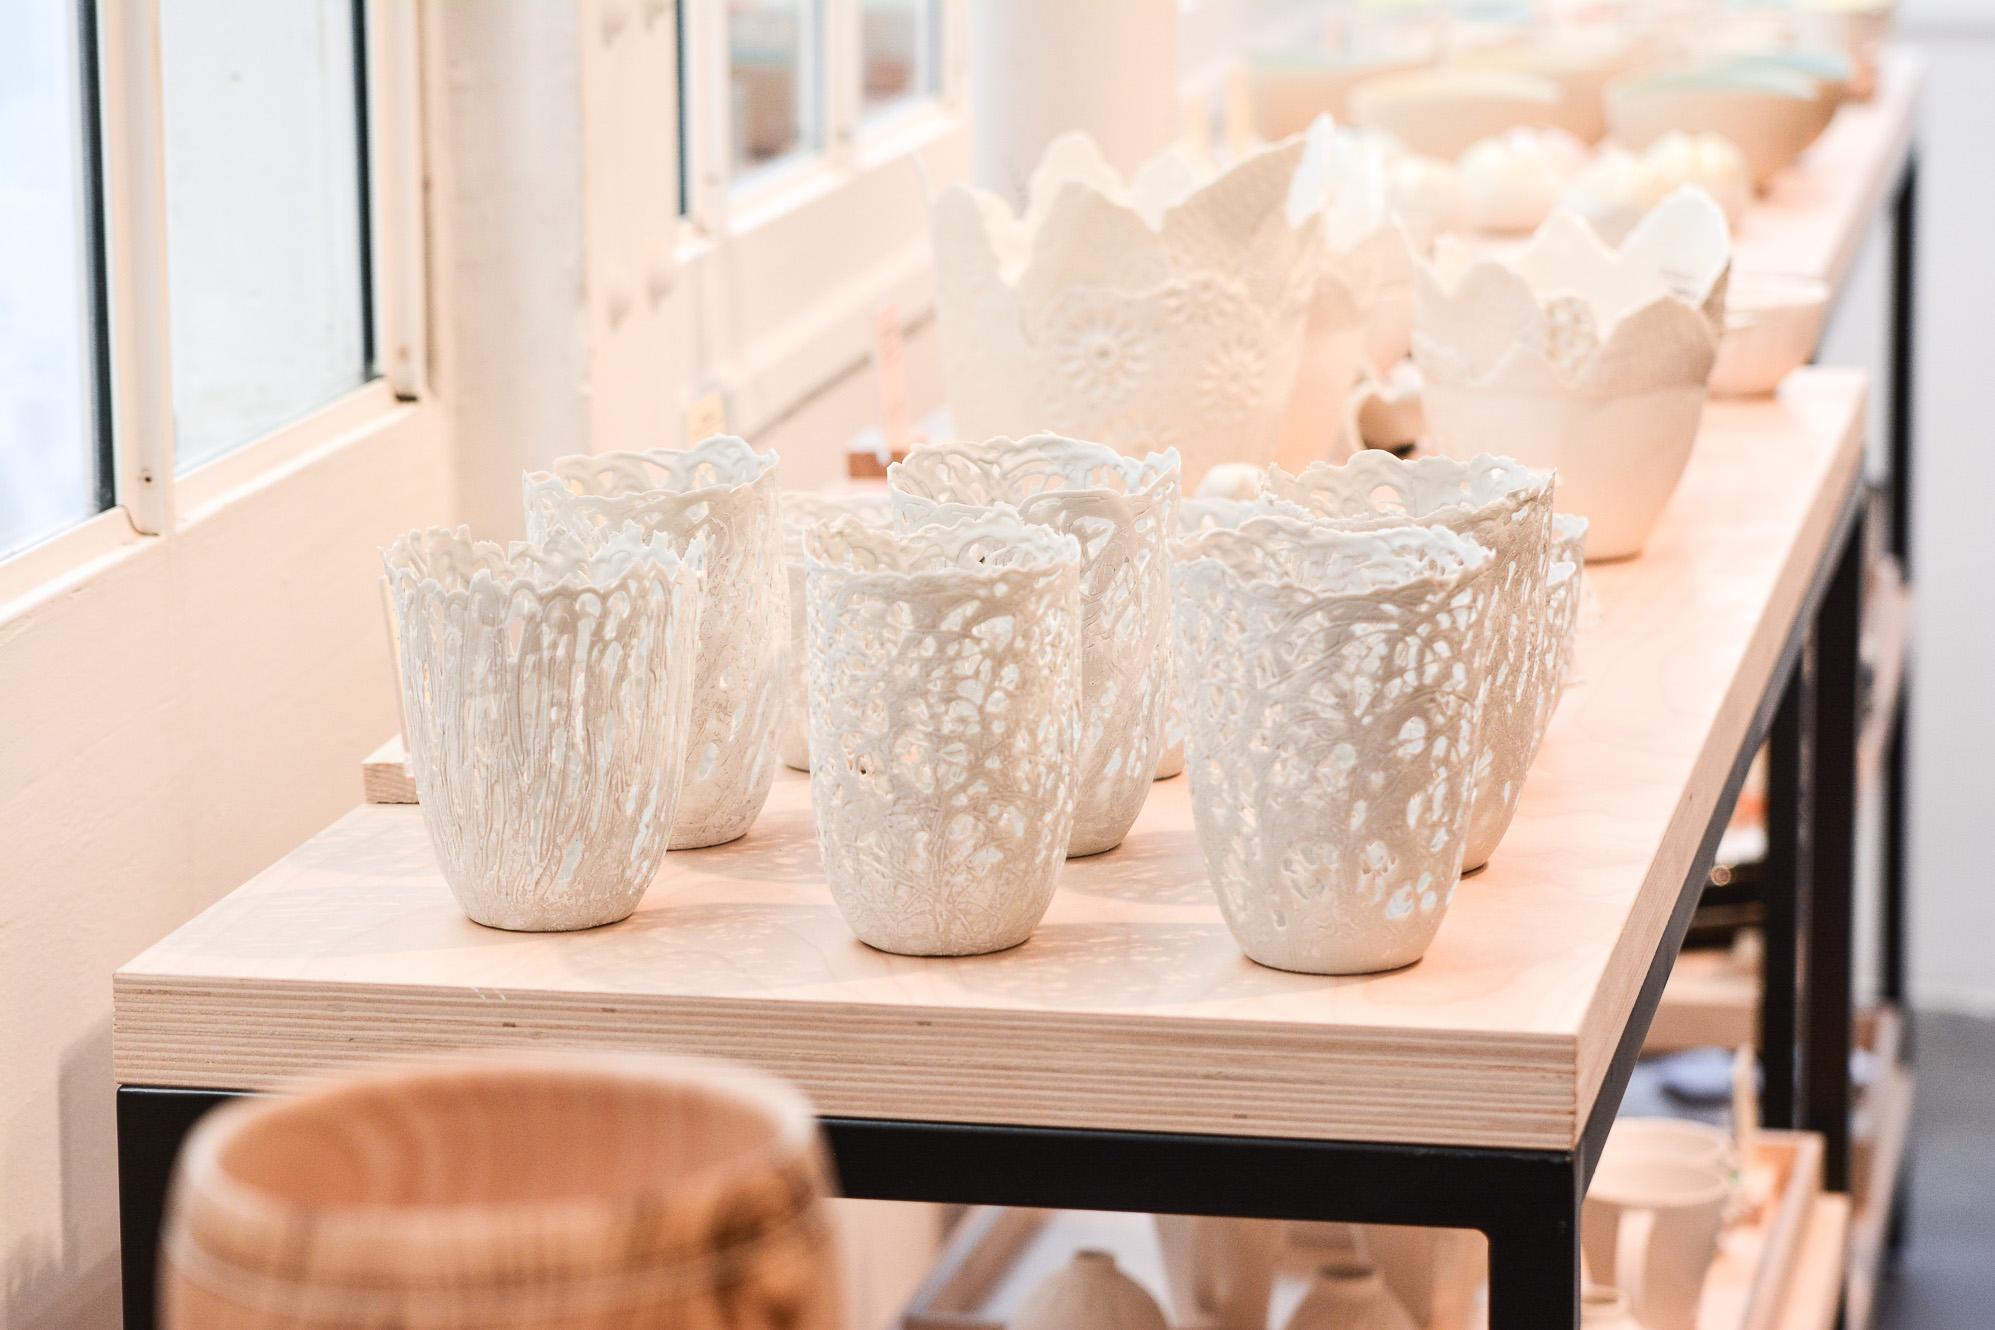 empreintes paris concept store artisanat le polyedre 5. Black Bedroom Furniture Sets. Home Design Ideas